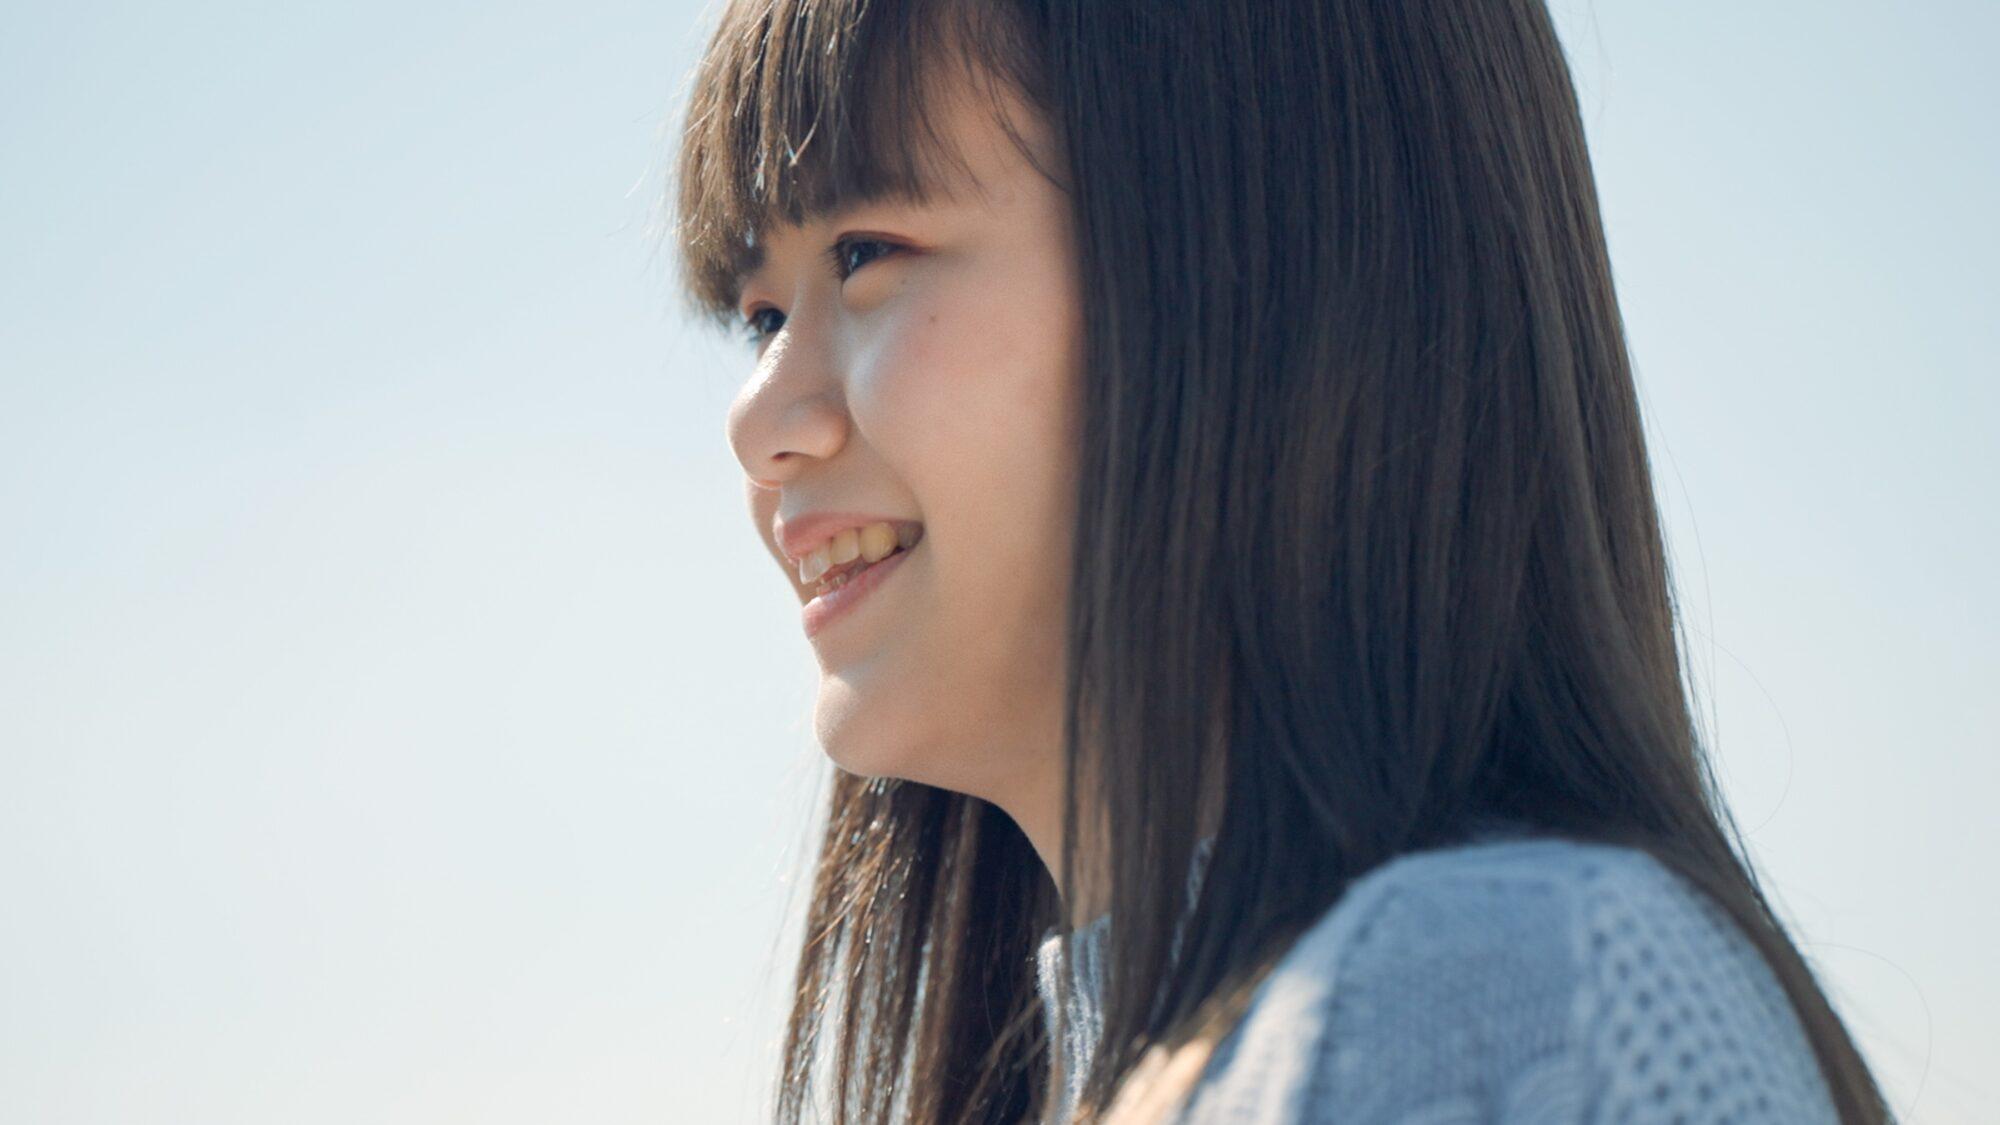 トリニティカレッジ広島医療福祉専門学校PV公開「なりたい自分なんてない」メイン画像